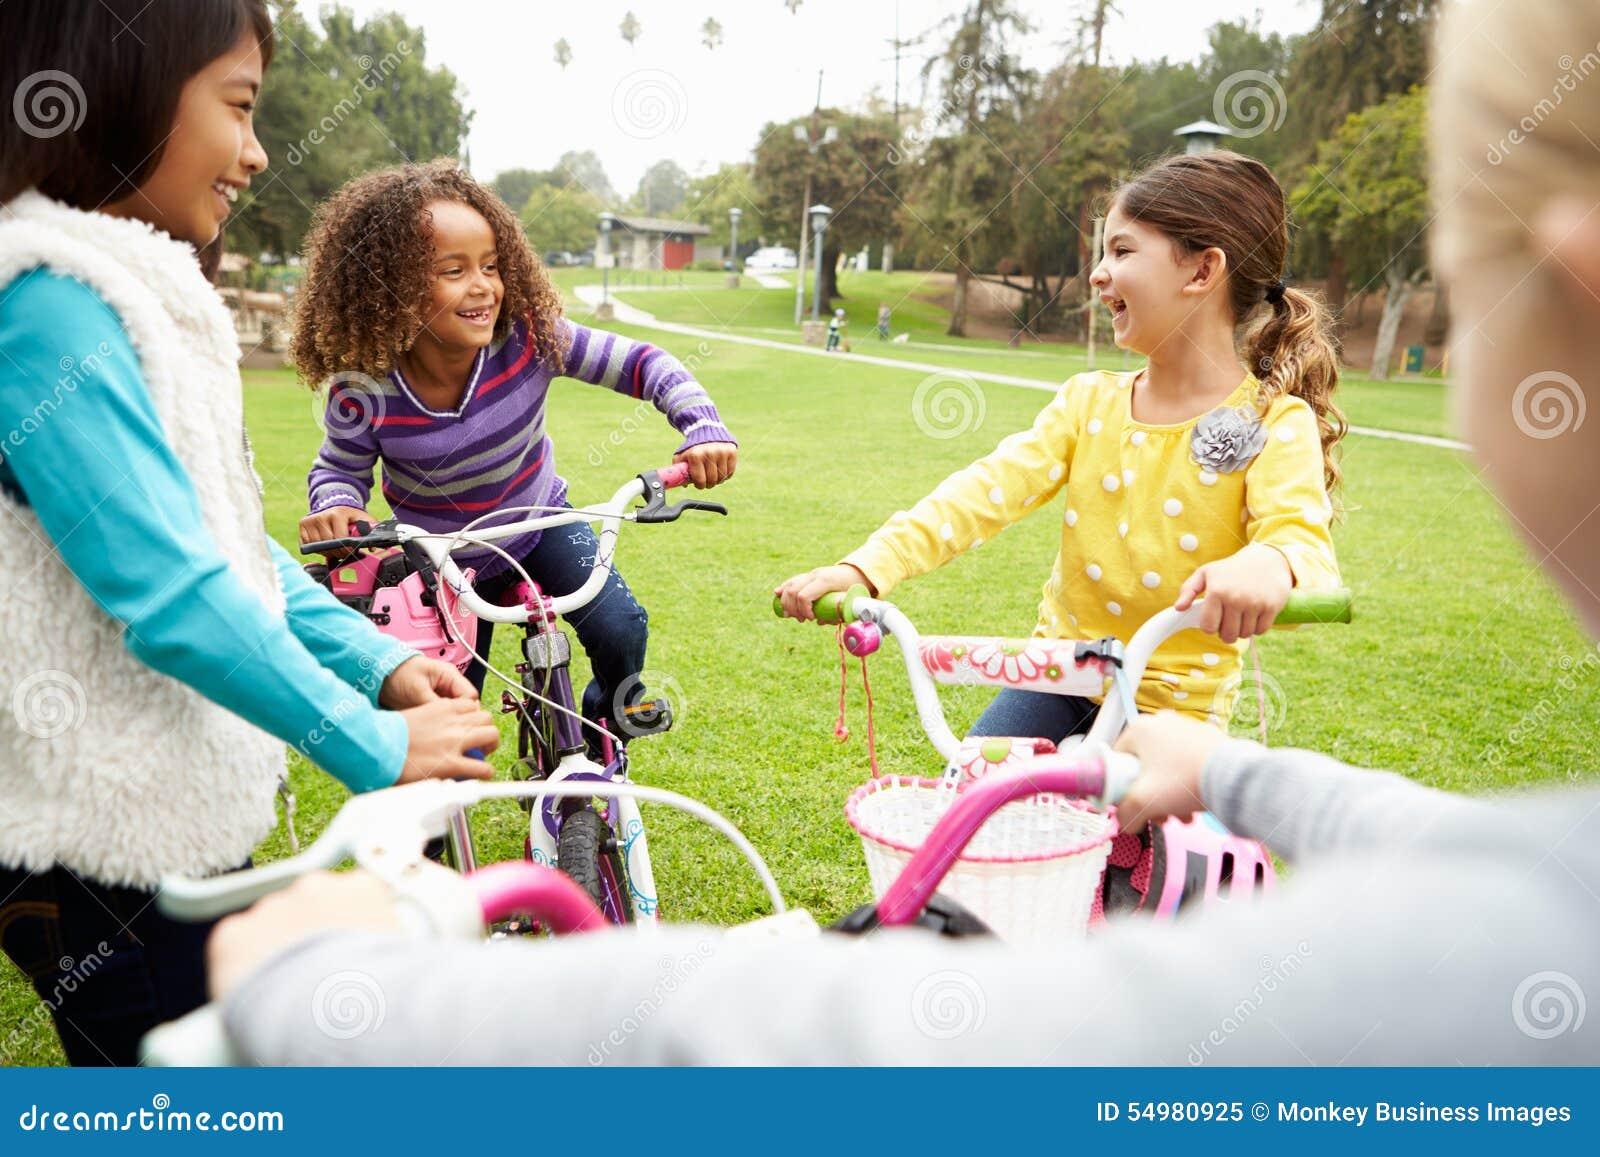 Grupa młode dziewczyny Z rowerami W parku